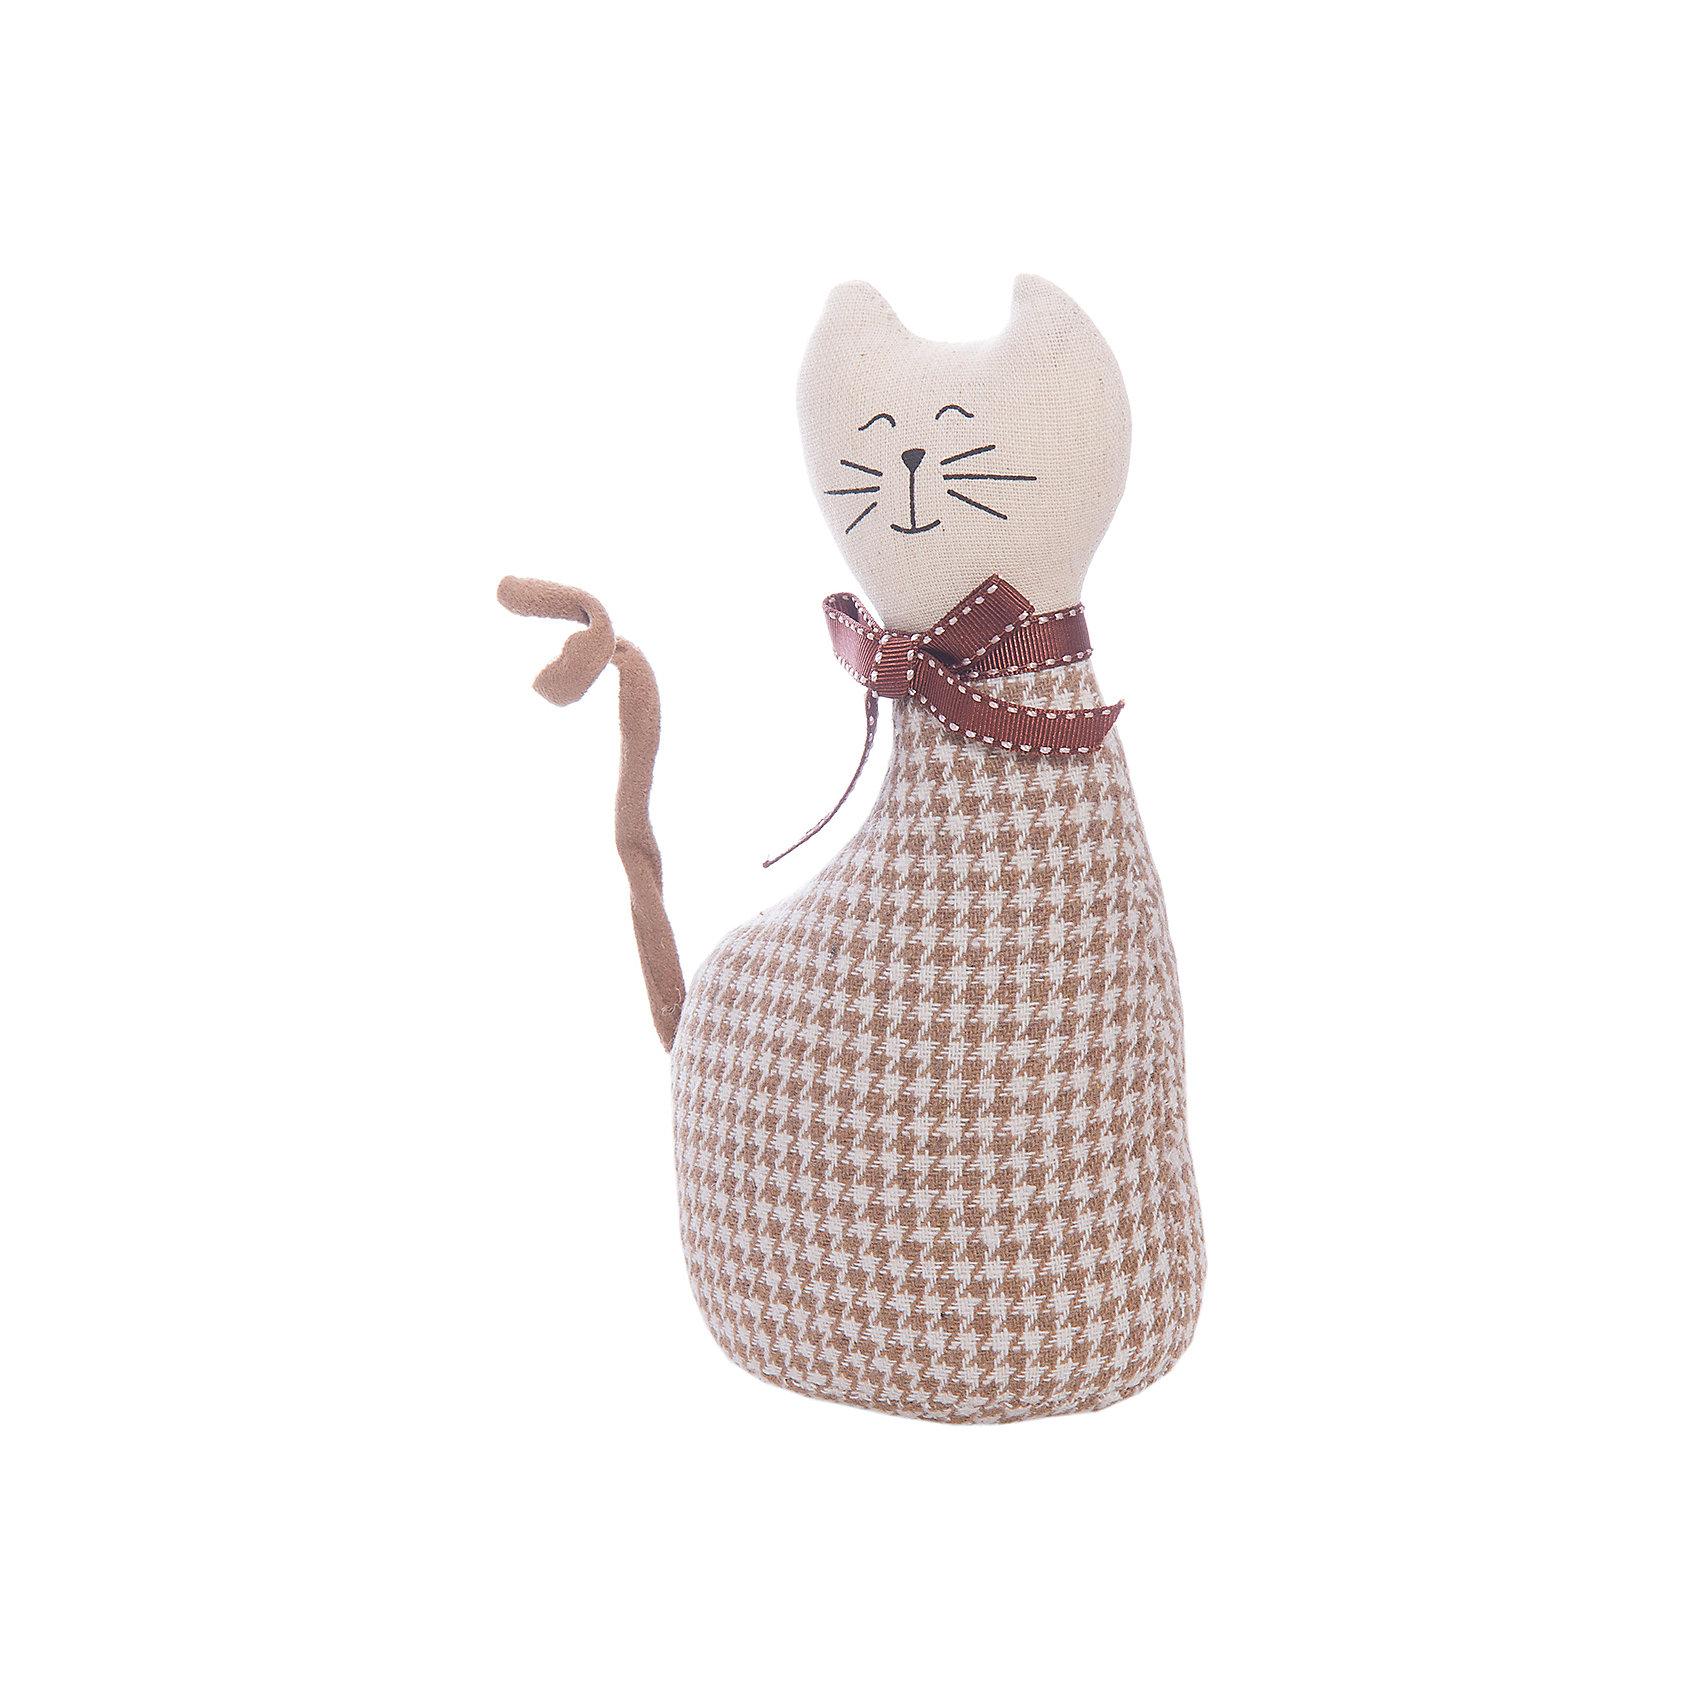 Кошка МурысяПредметы интерьера<br>Характеристики:<br><br>• Предназначение: для оформления интерьера<br>• Пол: универсальный<br>• Материал: текстиль<br>• Цвет: бежевый, коричневый<br>• Размеры (высота игрушки): 22,5 см<br>• Вес в упаковке: 200 г <br><br>Кошка Мурыся – это интерьерная игрушка от торговой марки Белоснежка, специализирующейся на товарах для творчества и рукоделия. Кошка выполнен из текстиля с набивкой, внутри для устойчивости имеется утяжелитель. Использованные при изготовлении материалы гипоаллергенные. Игрушка имеет форму статуэтки, поэтому ее можно поставить на полку. Мурыся может стать прекрасным подарком на новоселье с пожеланиями благополучия, удачи, мира и добра.<br><br>Кошку Мурысю можно купить в нашем интернет-магазине.<br><br>Ширина мм: 225<br>Глубина мм: 115<br>Высота мм: 80<br>Вес г: 4420<br>Возраст от месяцев: 72<br>Возраст до месяцев: 144<br>Пол: Унисекс<br>Возраст: Детский<br>SKU: 5089807